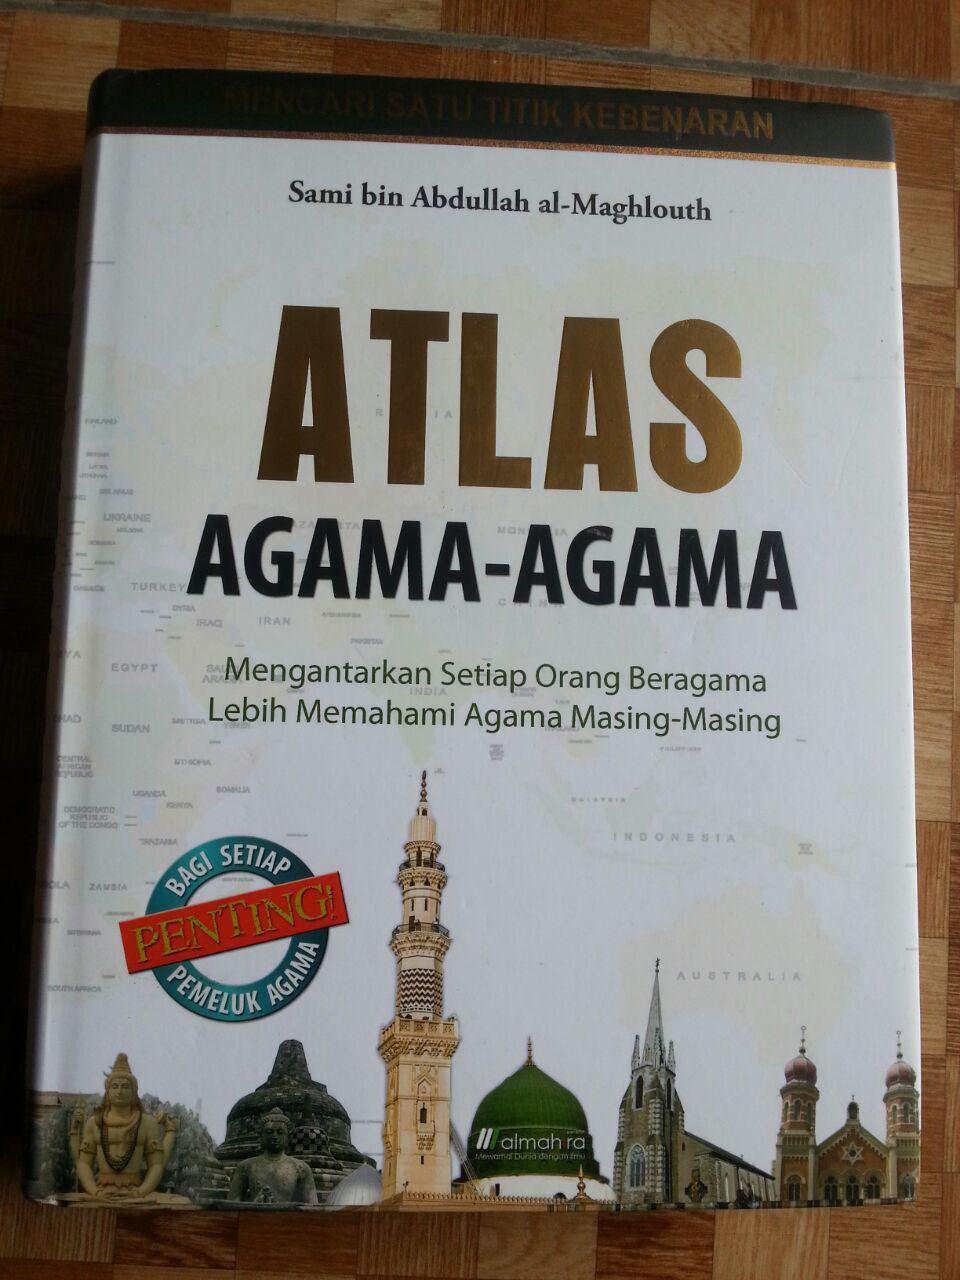 Buku Atlas Agama-Agama cover 2